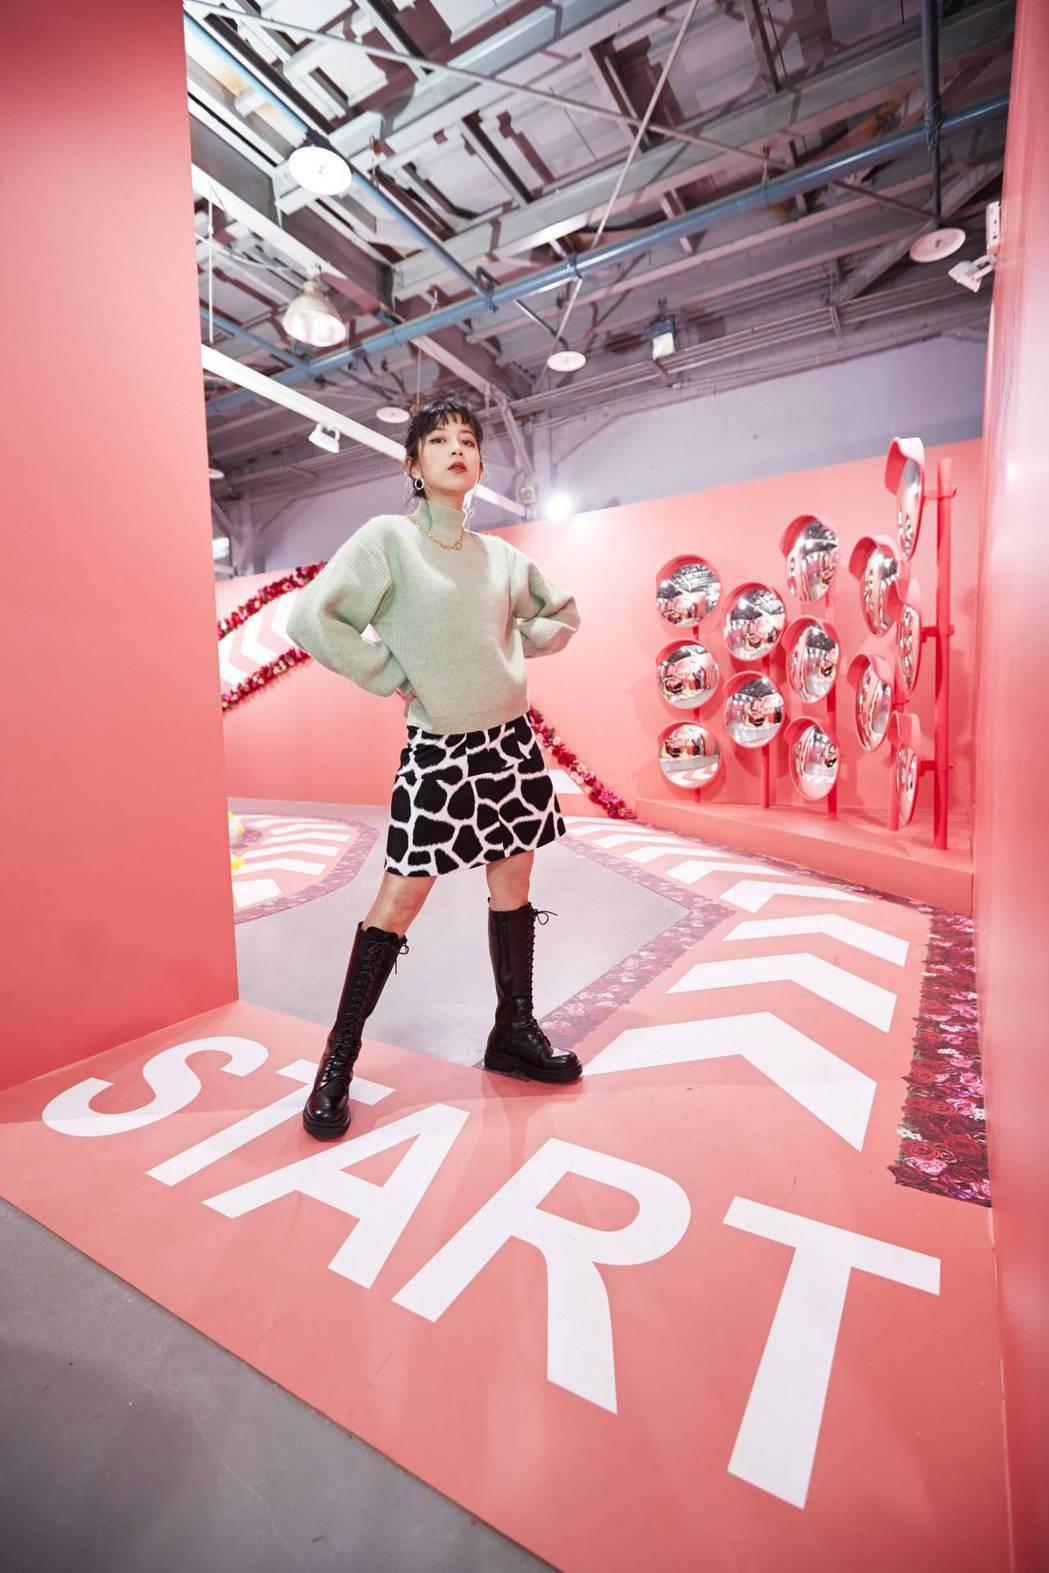 TOYOTA於色廊展設計三個最佳拍照點,包含「遇愛轉角鏡」、「滿溢而出的幸福泡泡...